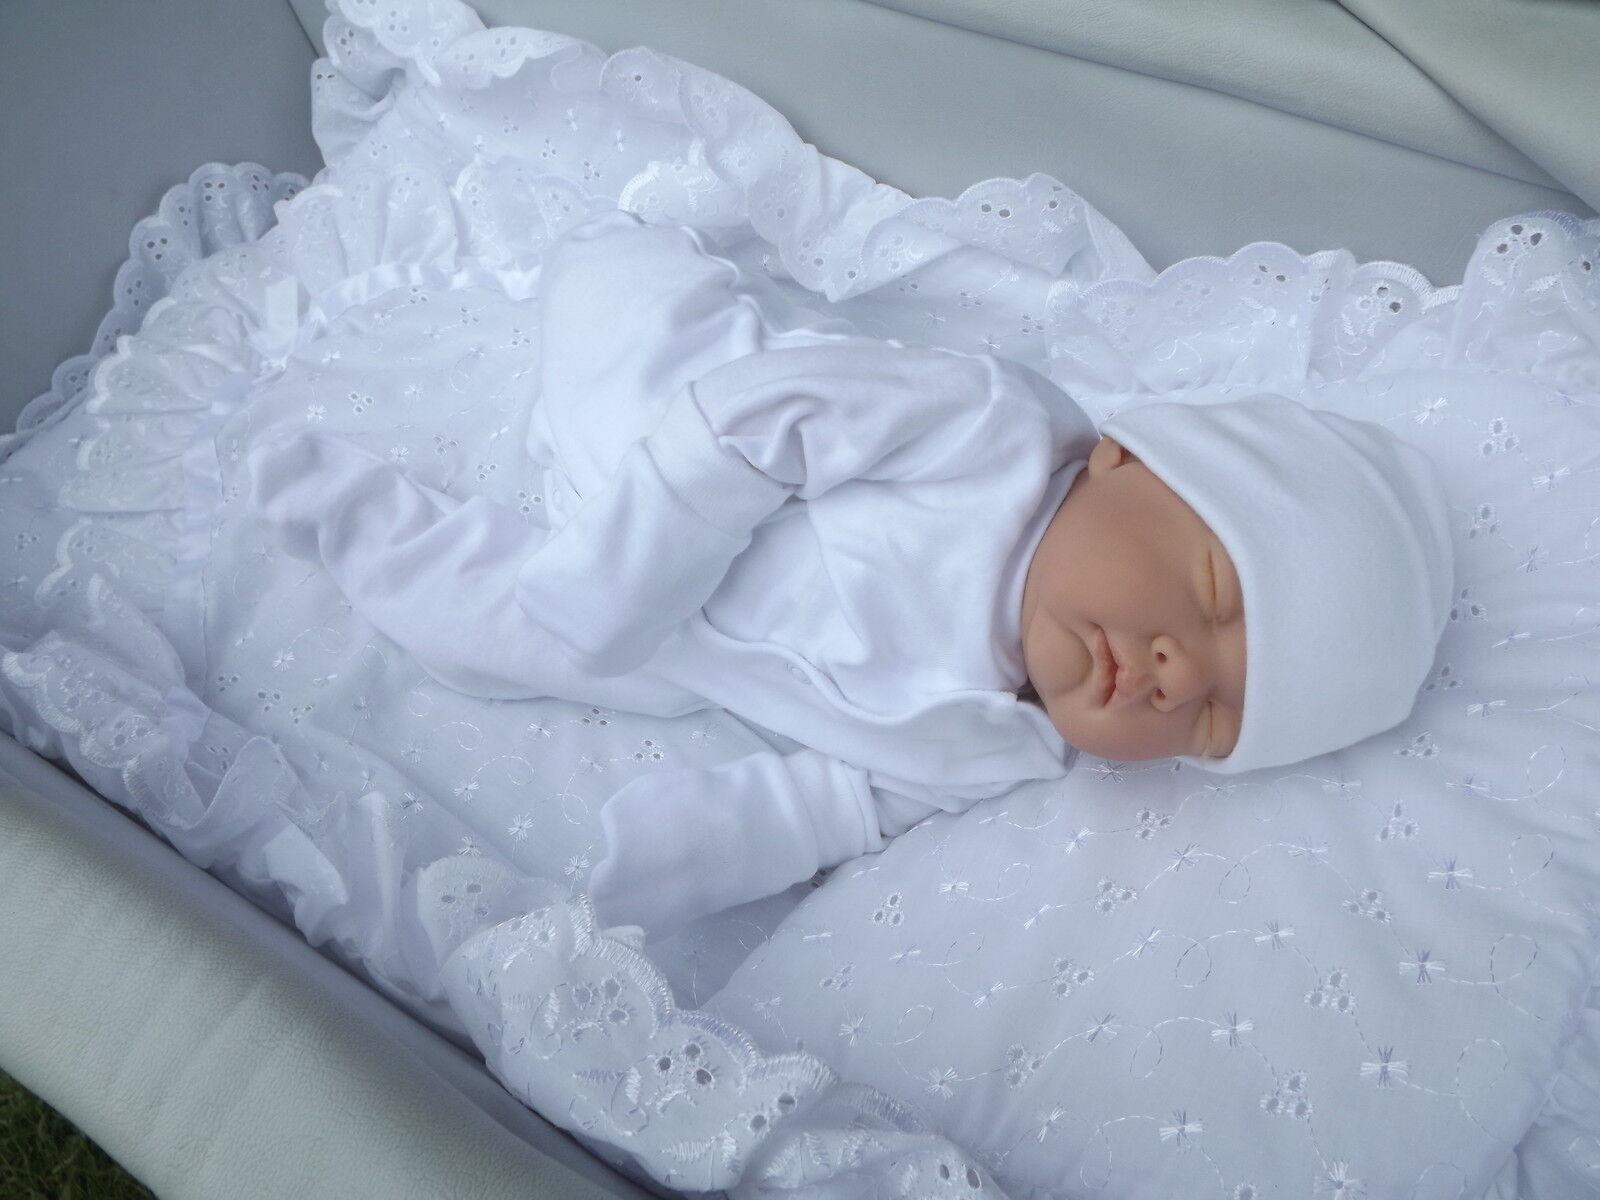 NEONATO Bos Bambino 1ST RINATO Baby Bambola Bambina Compleanno Regalo di Natale SAXON Reborns